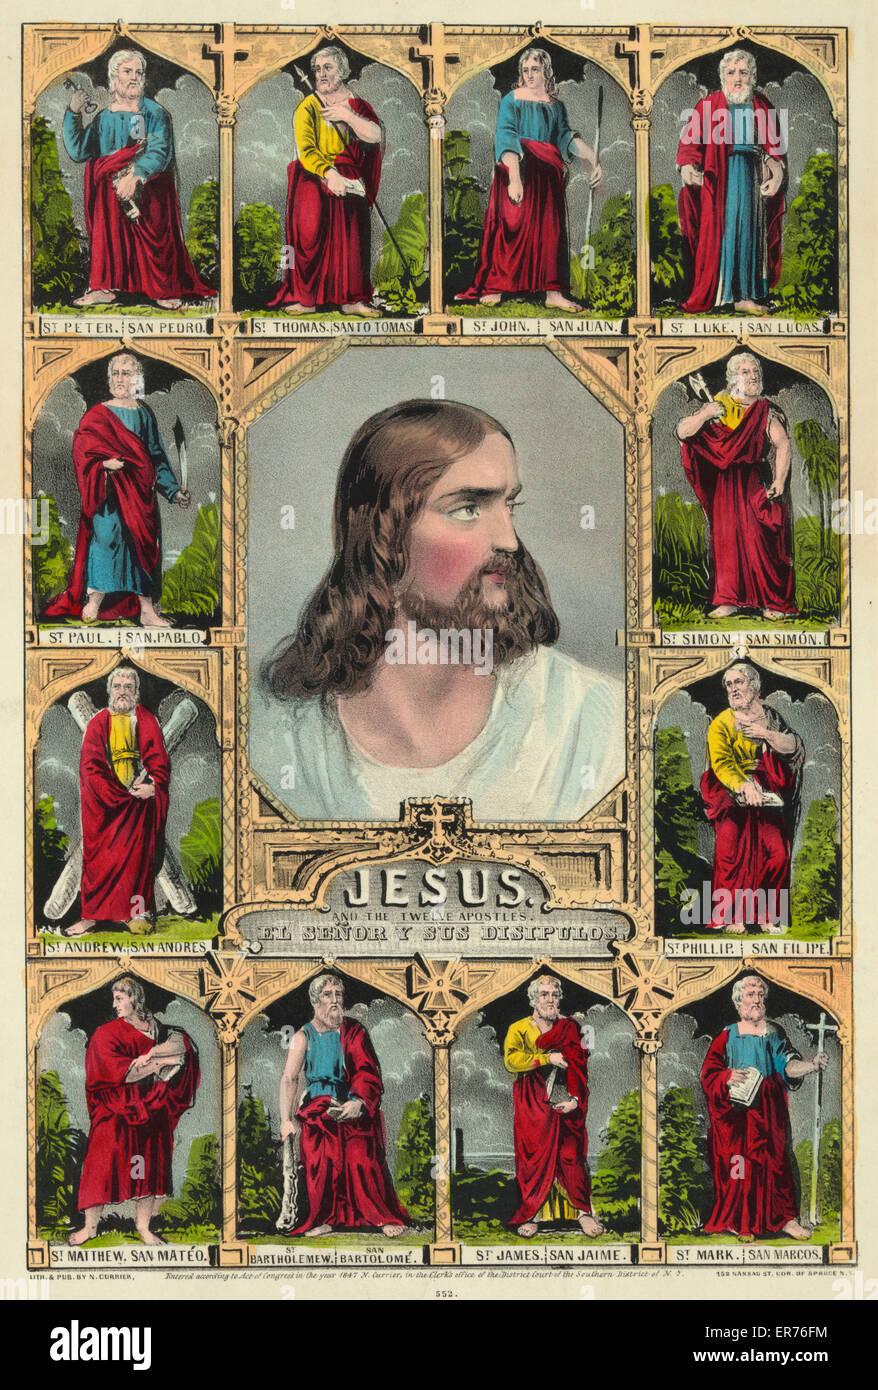 Jésus: et les douze apôtres. Date c1847. Photo Stock